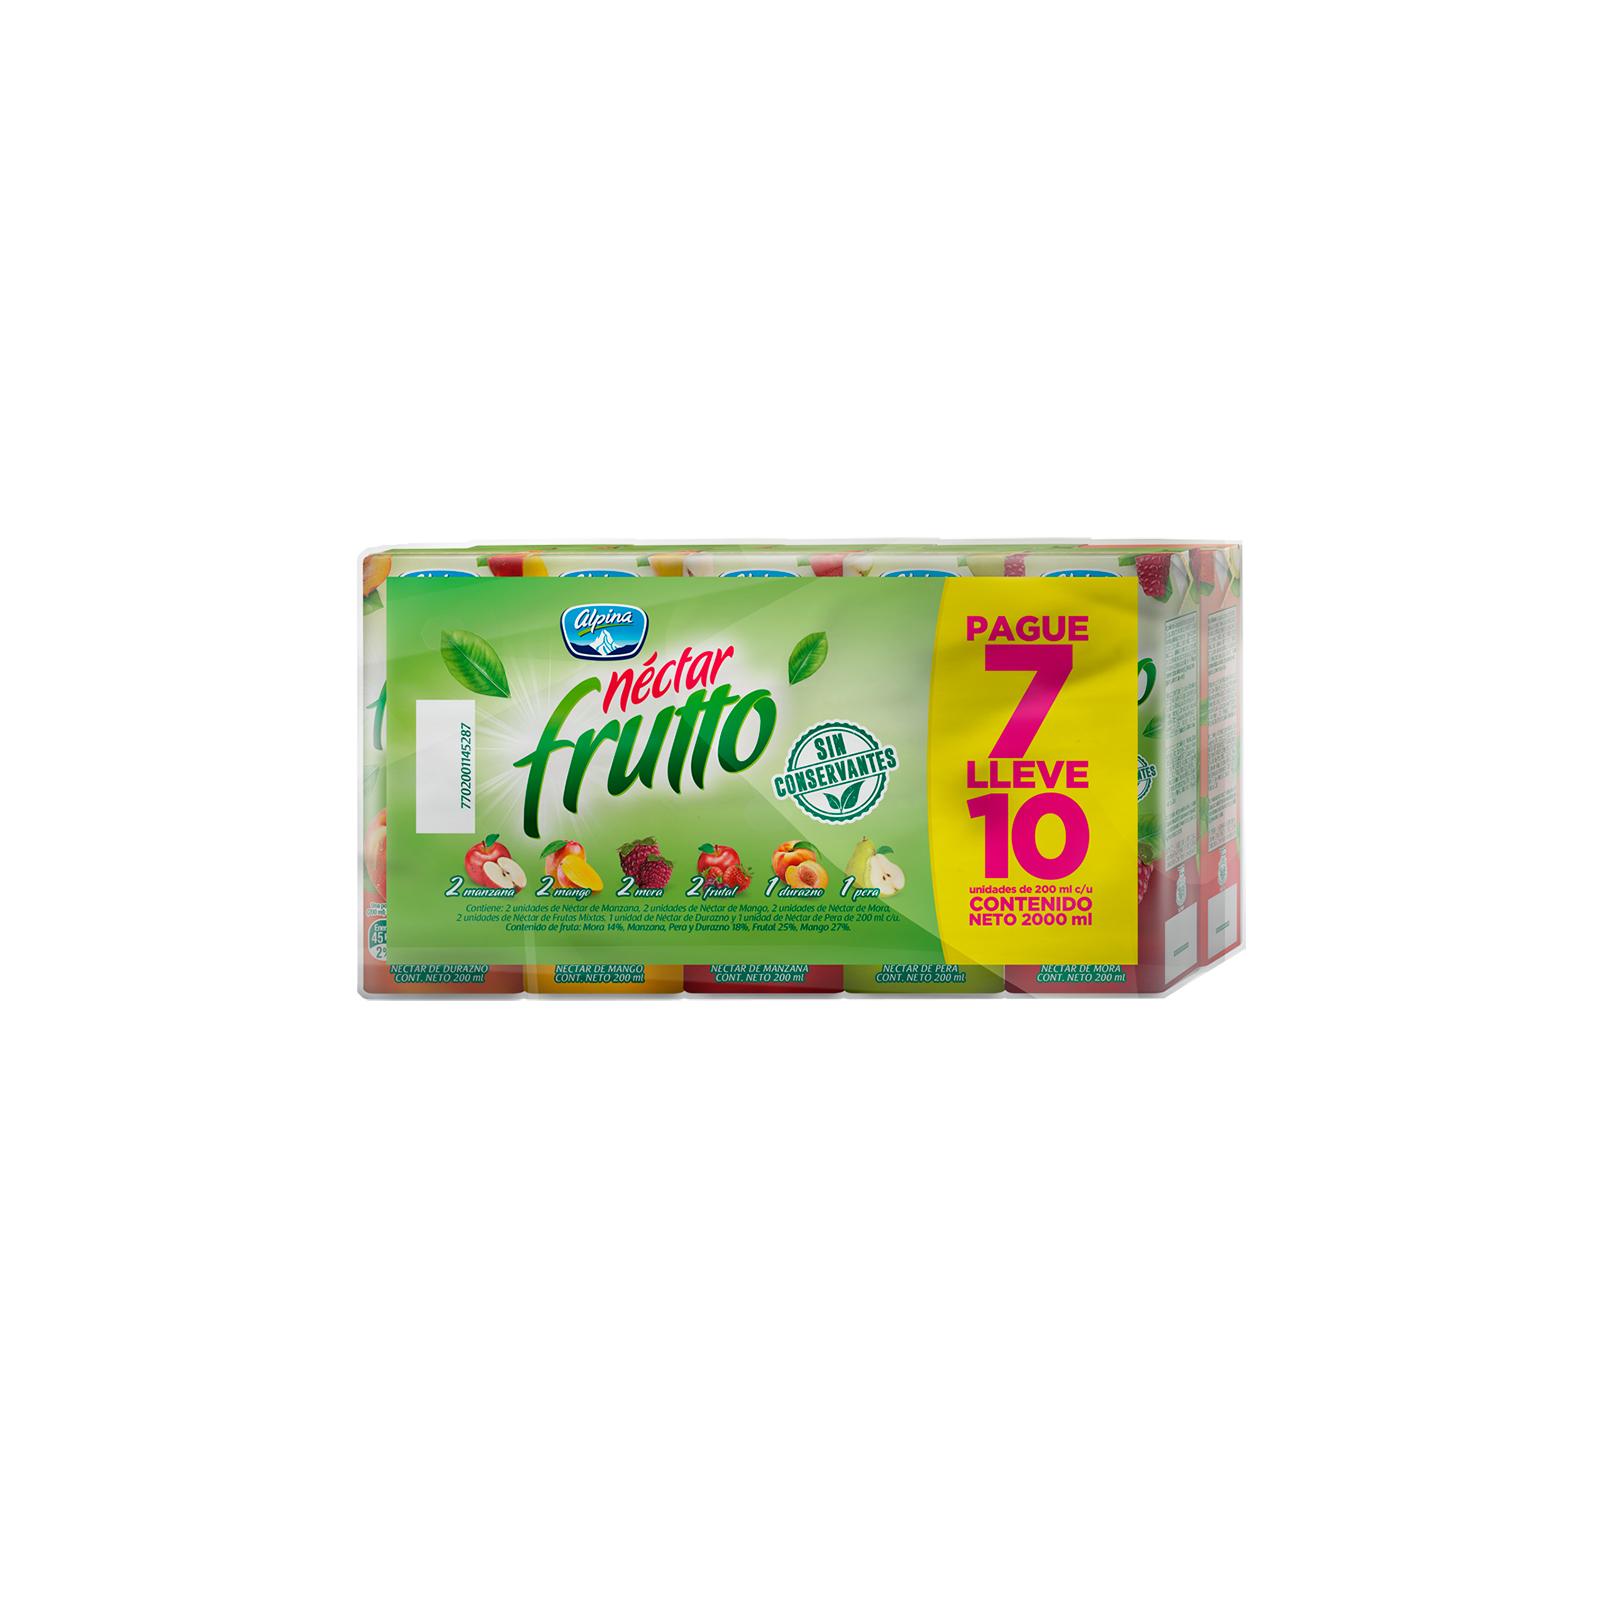 Jugos Néctar Frutto Multisabor Pague 7 Lleve 10